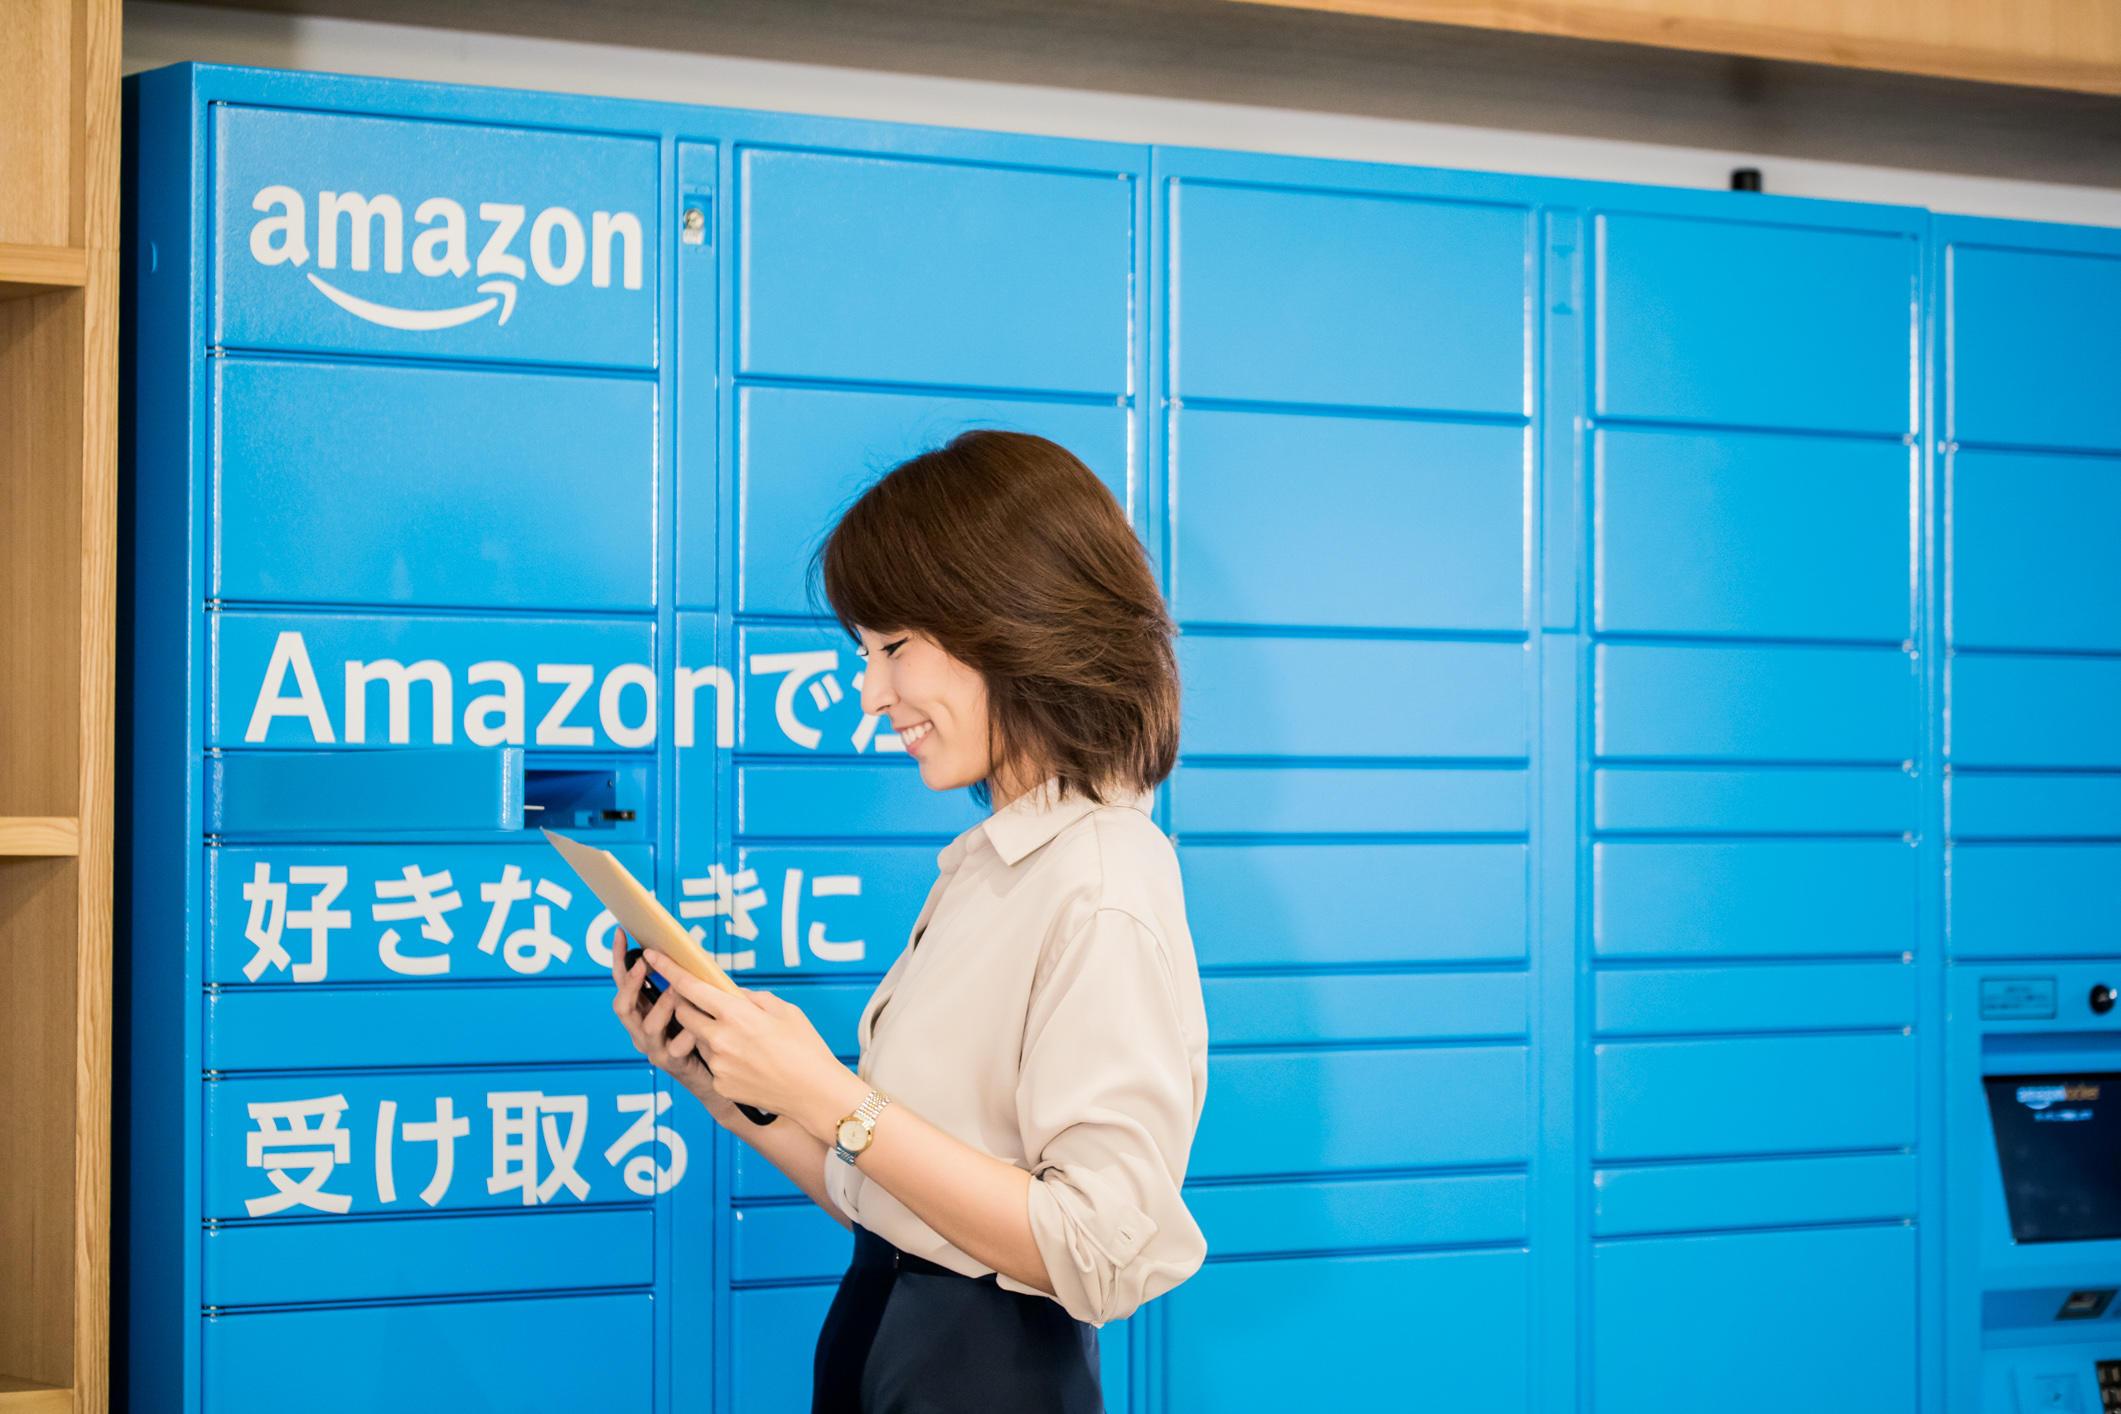 日本初・Amazon Hub ロッカーを昭和女子大学のキャンパス内に設置